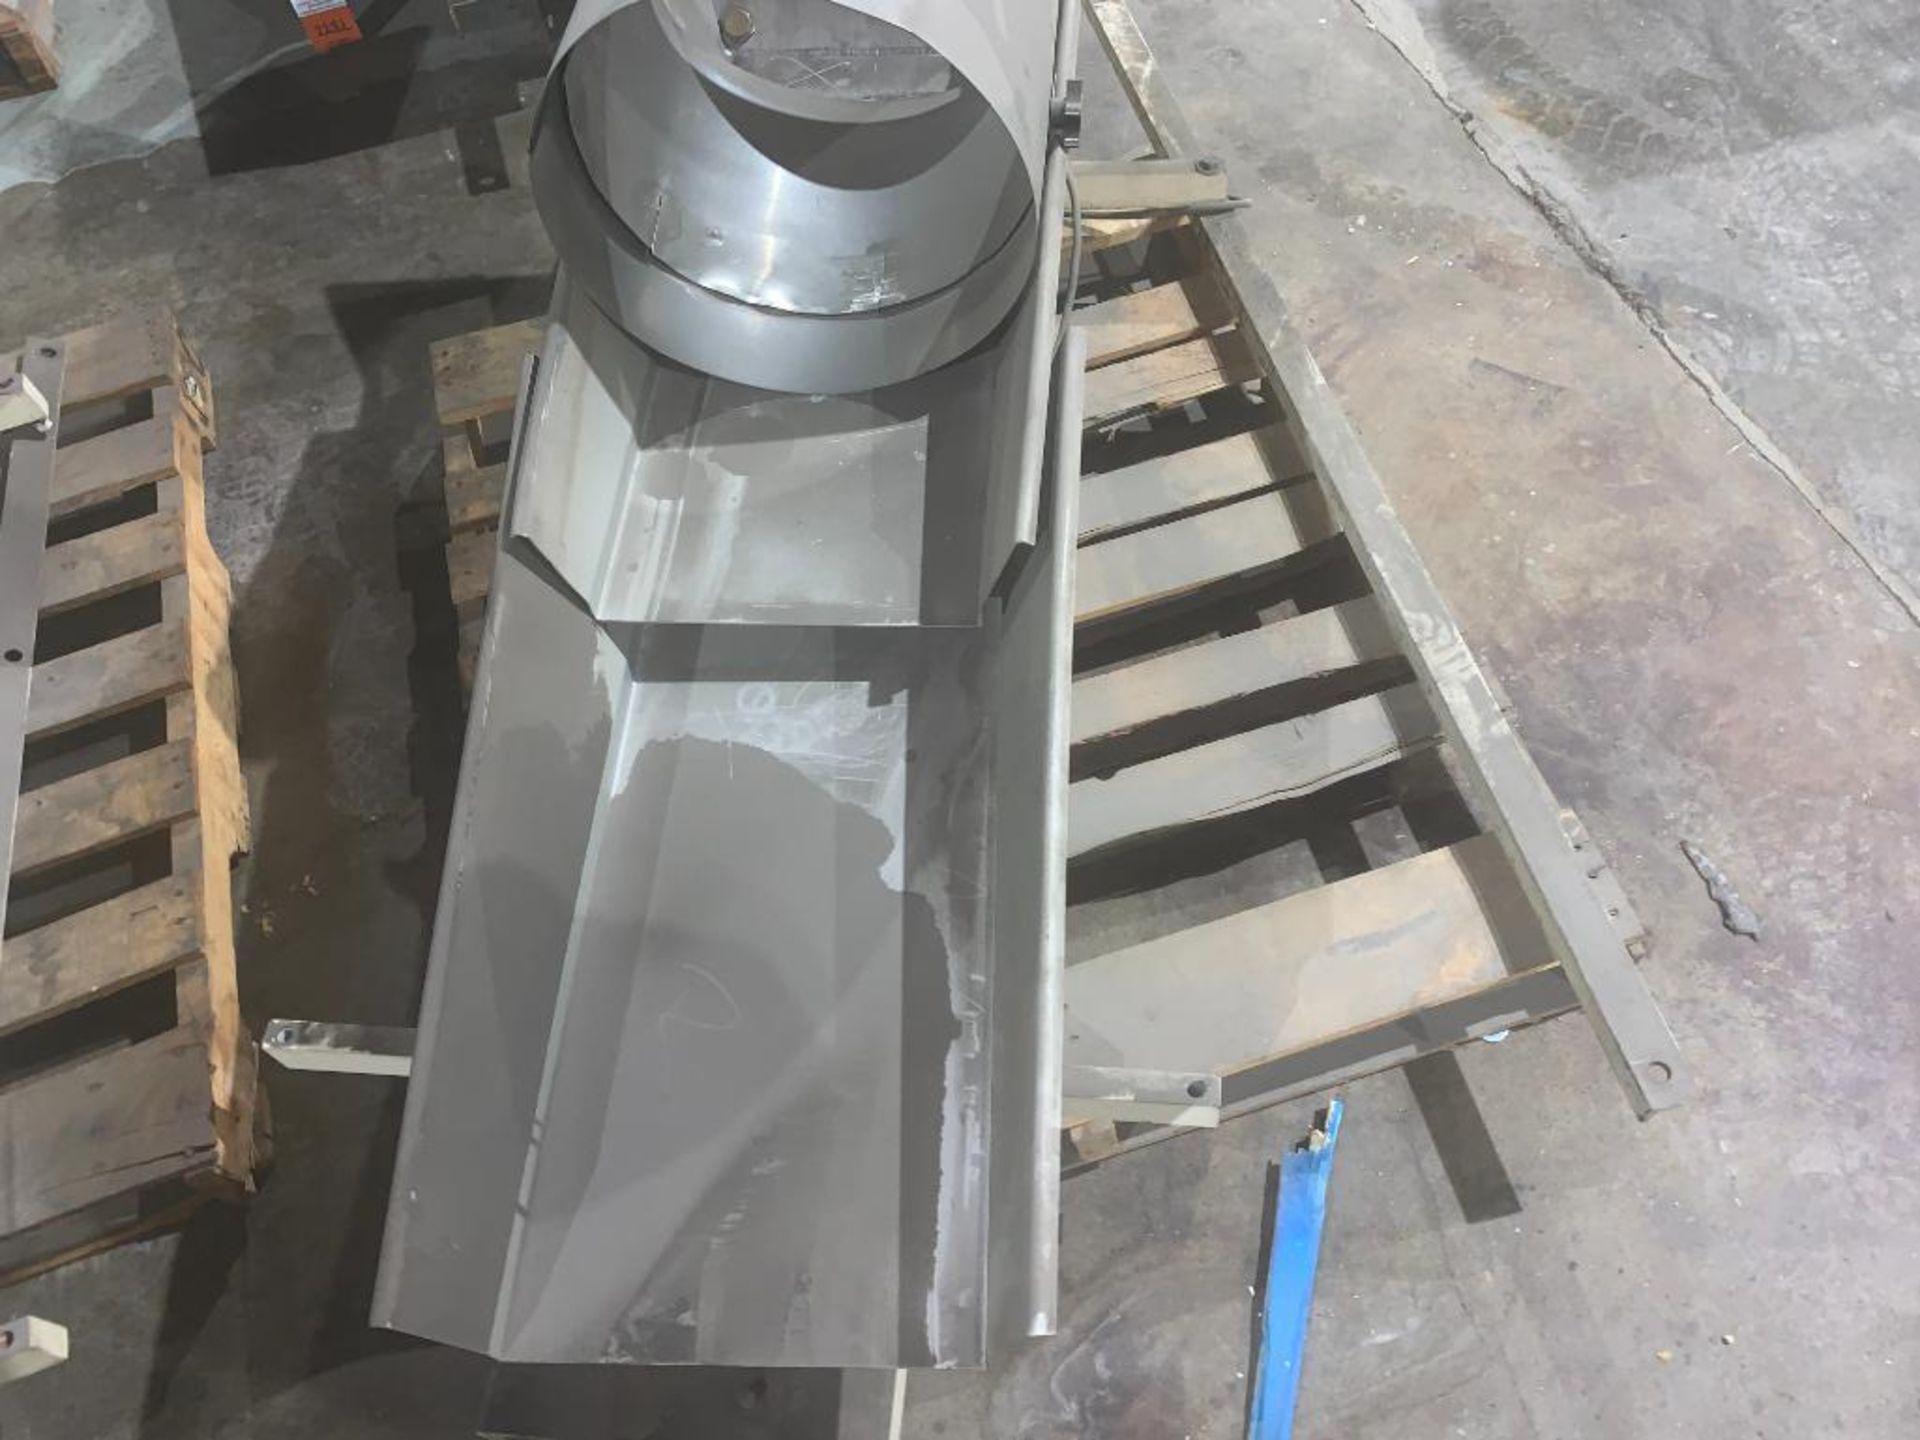 vibratory conveyor - Image 4 of 6